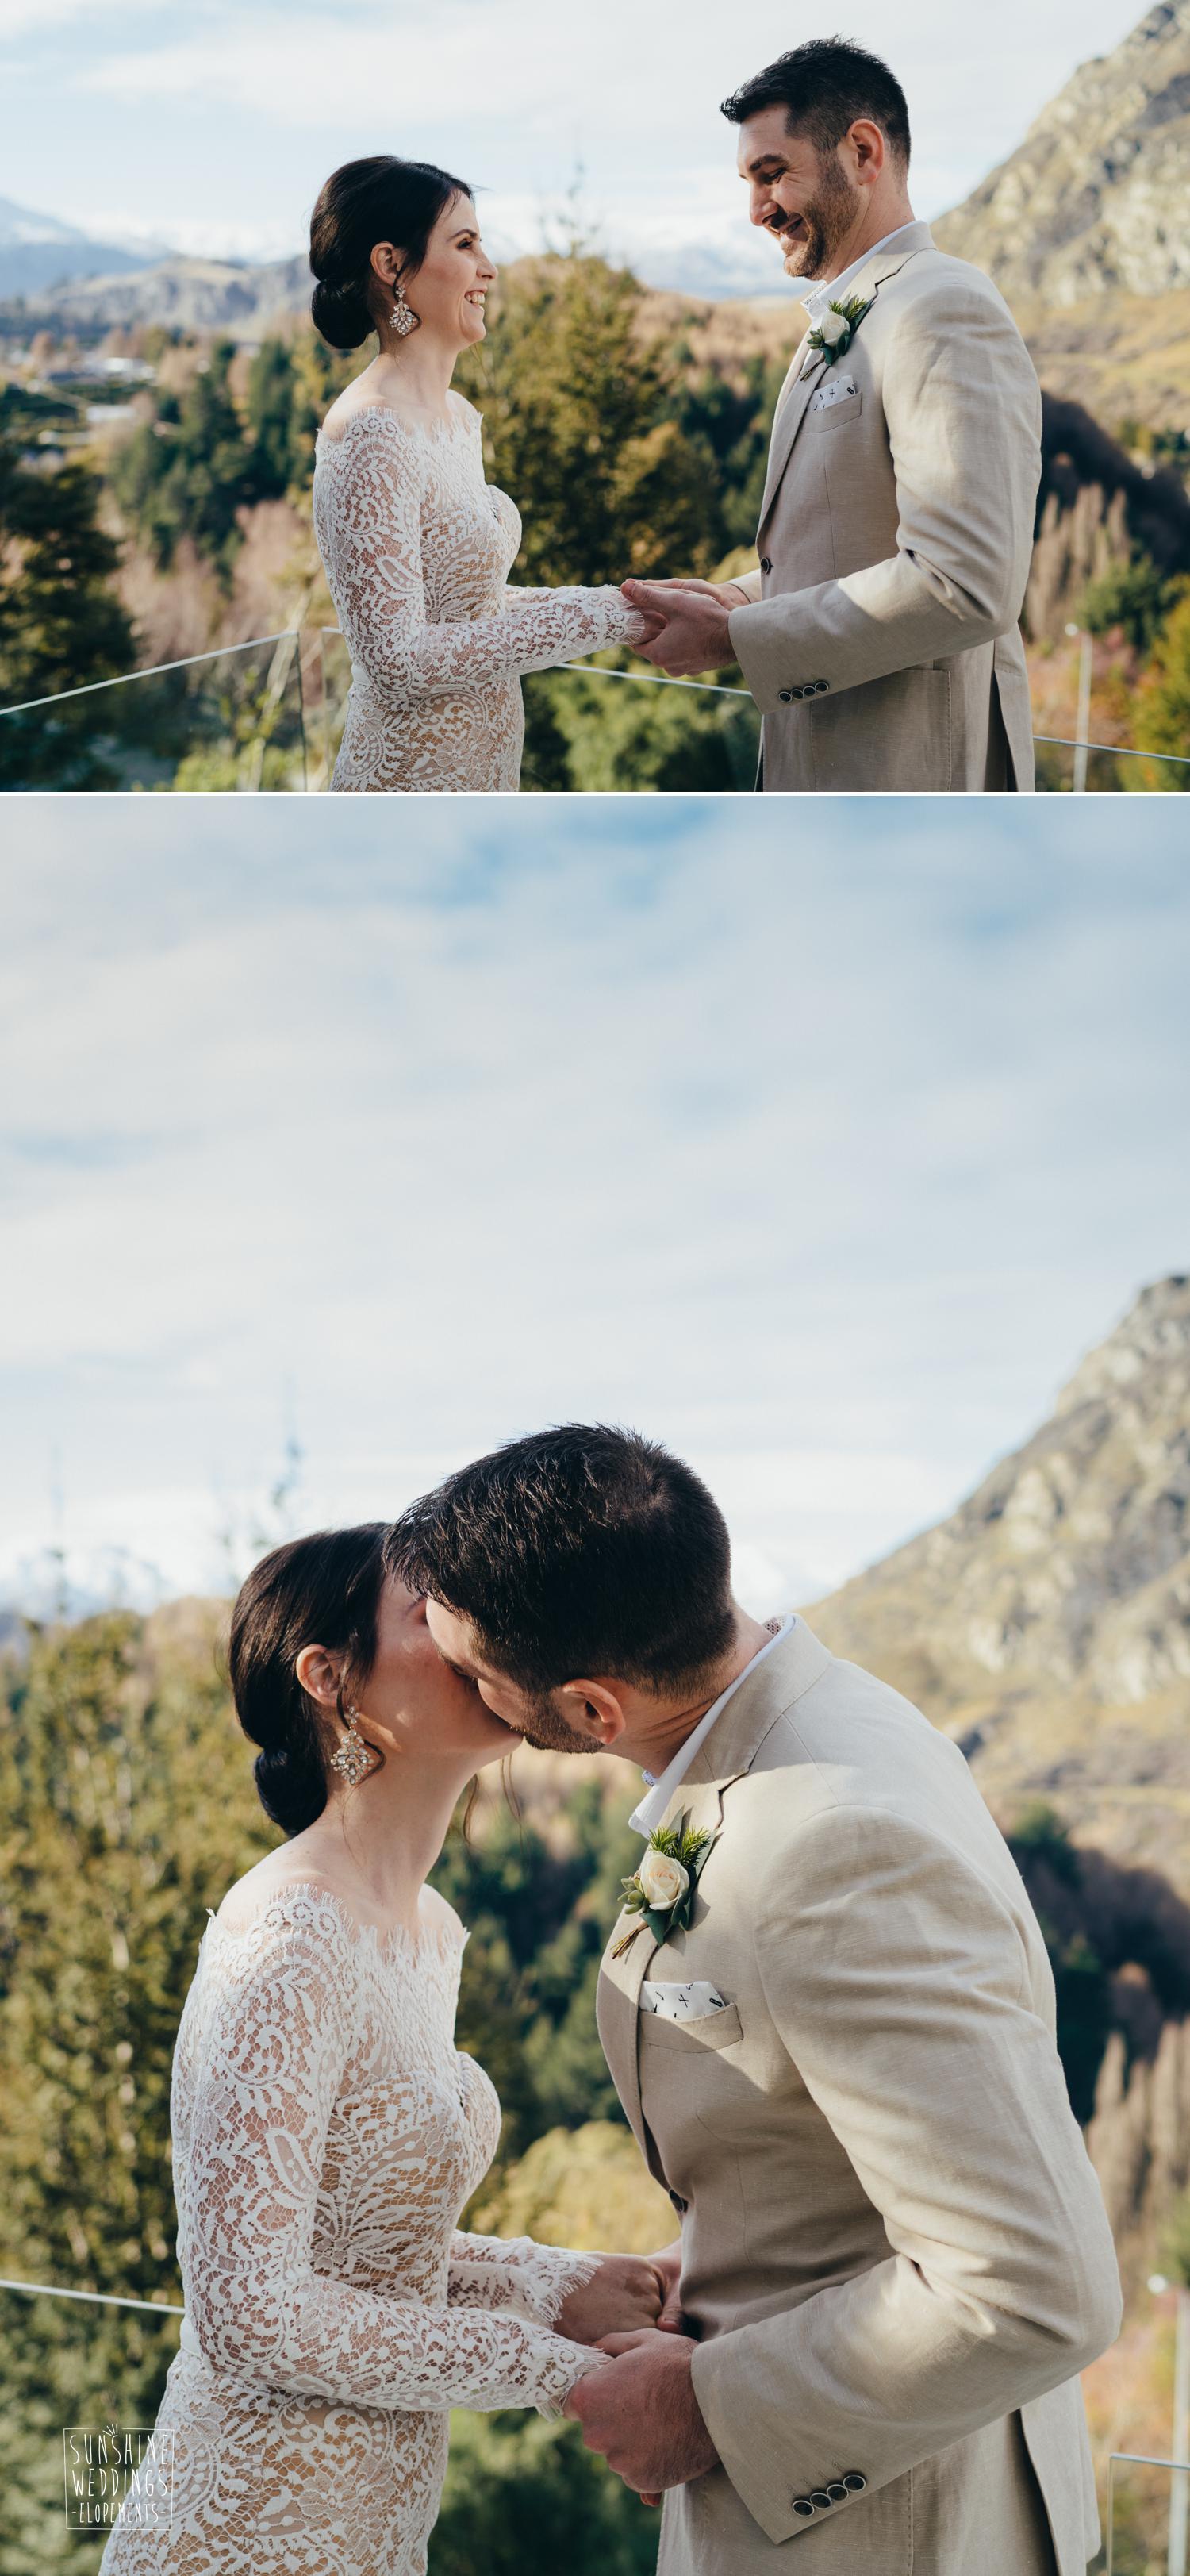 Glennys Logan wedding celebrant